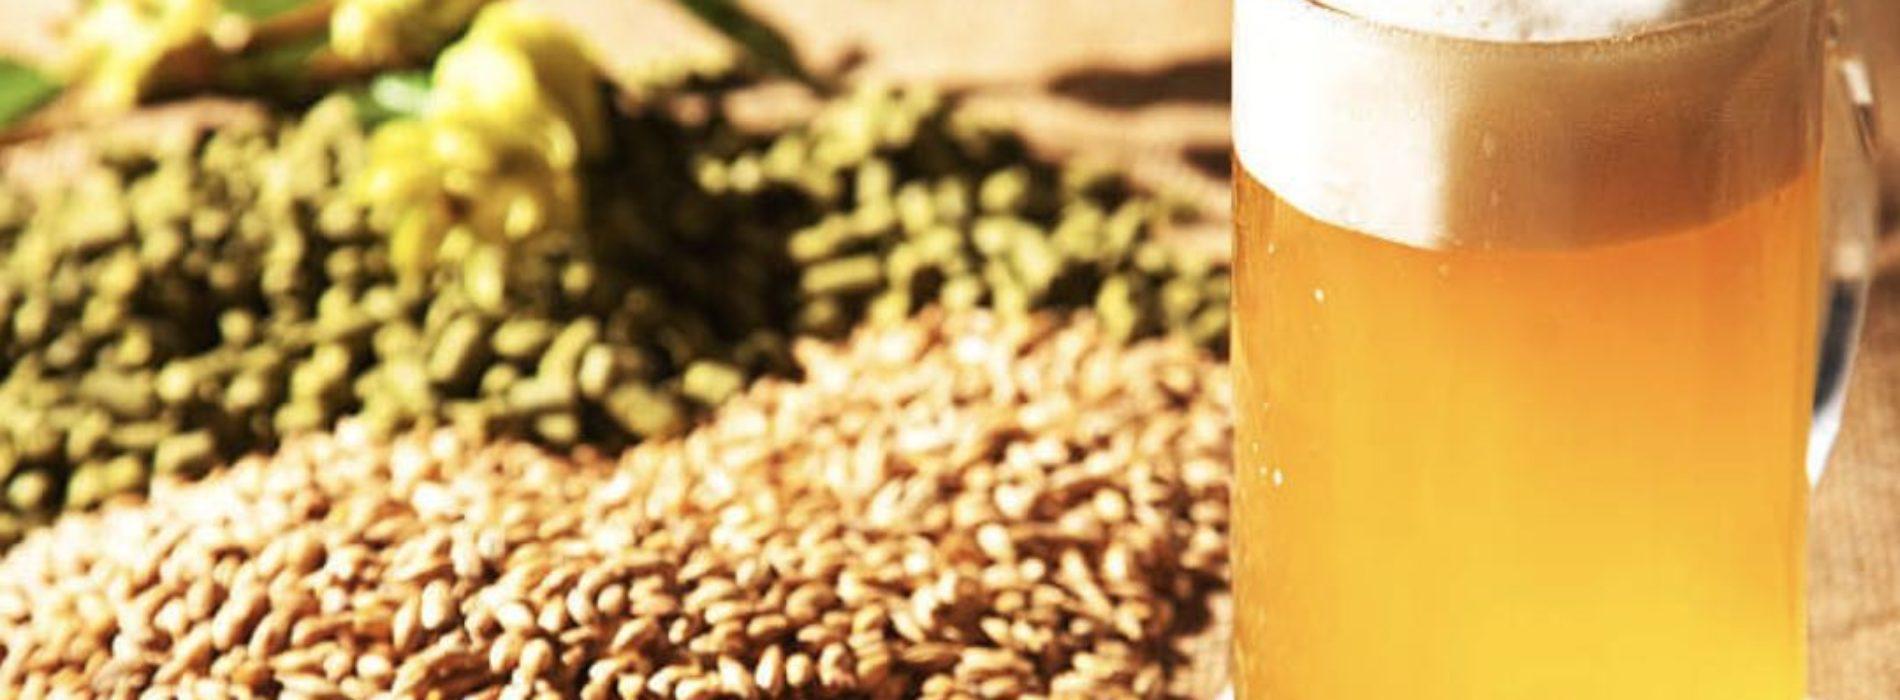 International Beer Day, Monda, gli effetti benefici sulla salute